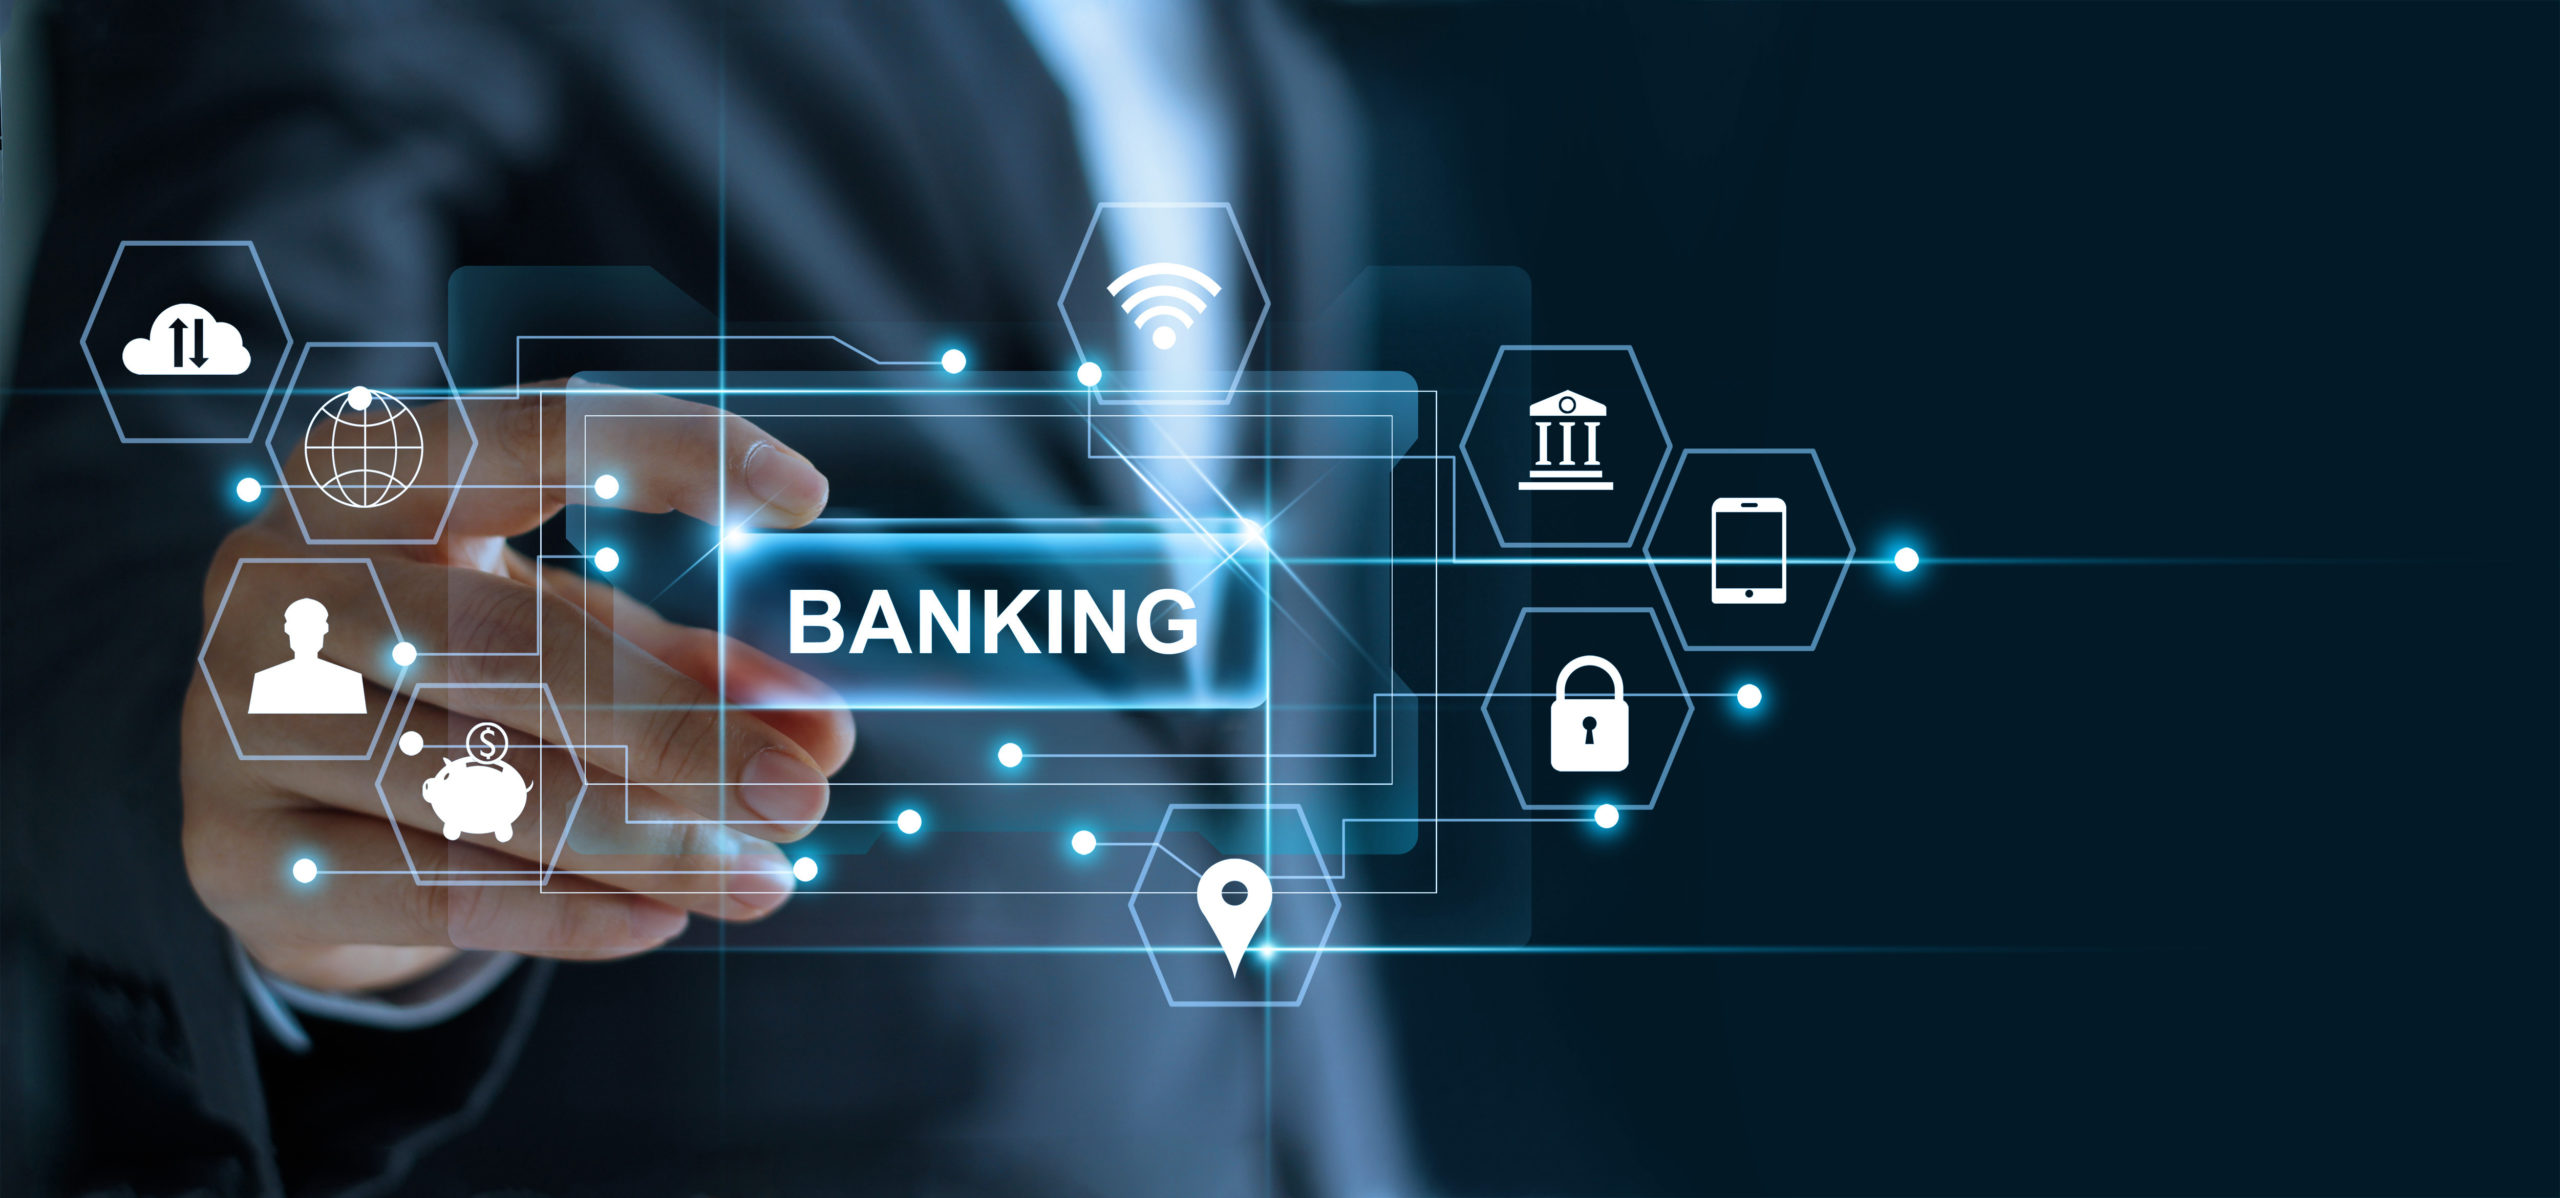 realsec presente especial nuevos retos seguridad entornos financieros it security